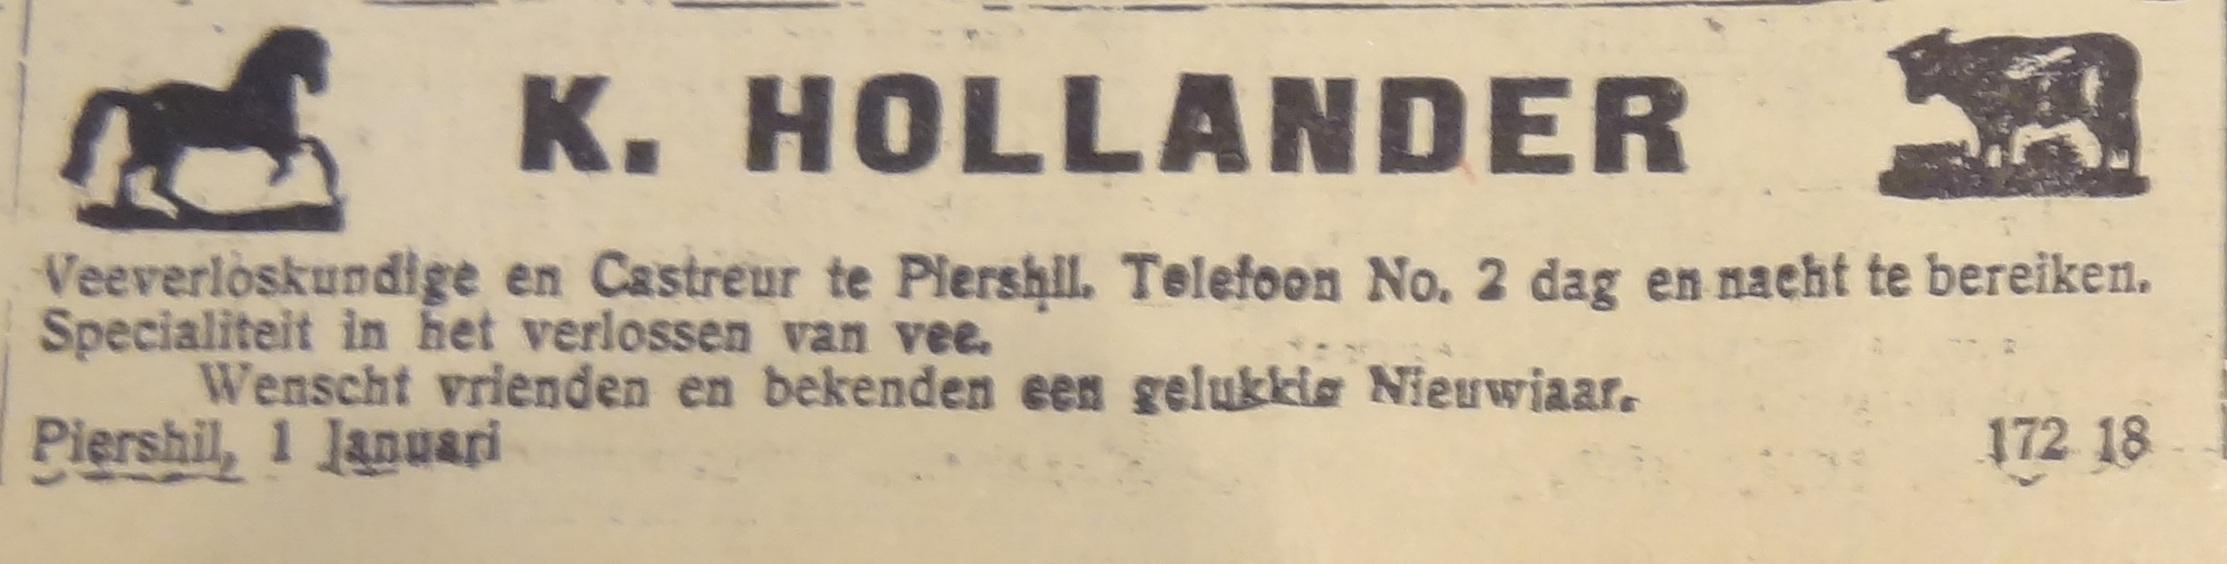 piershil-gelukkig1942-hollander